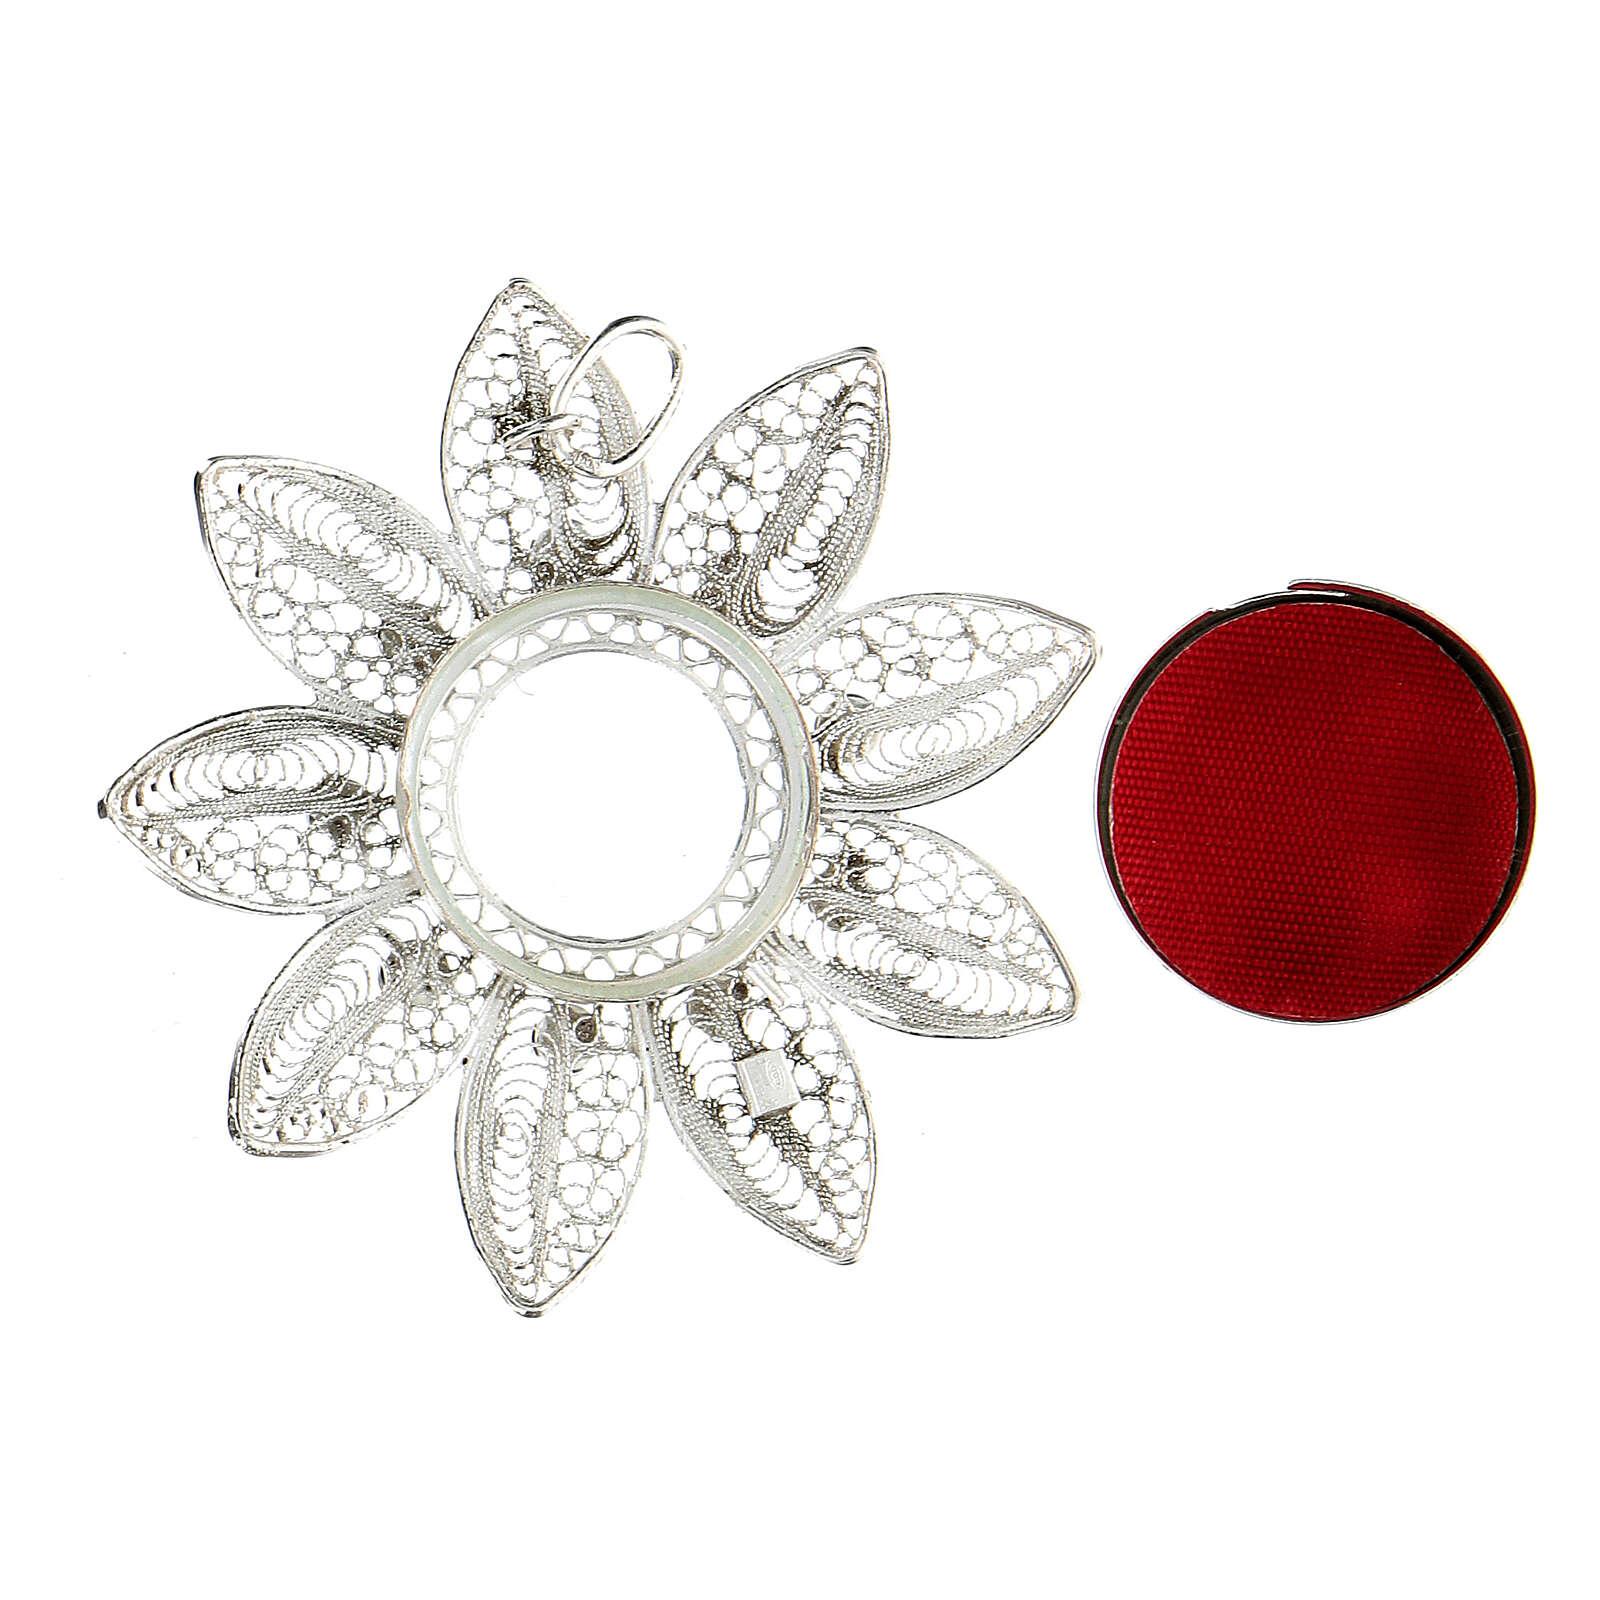 Relicario 5 cm plata 925 con piedras rojas 4